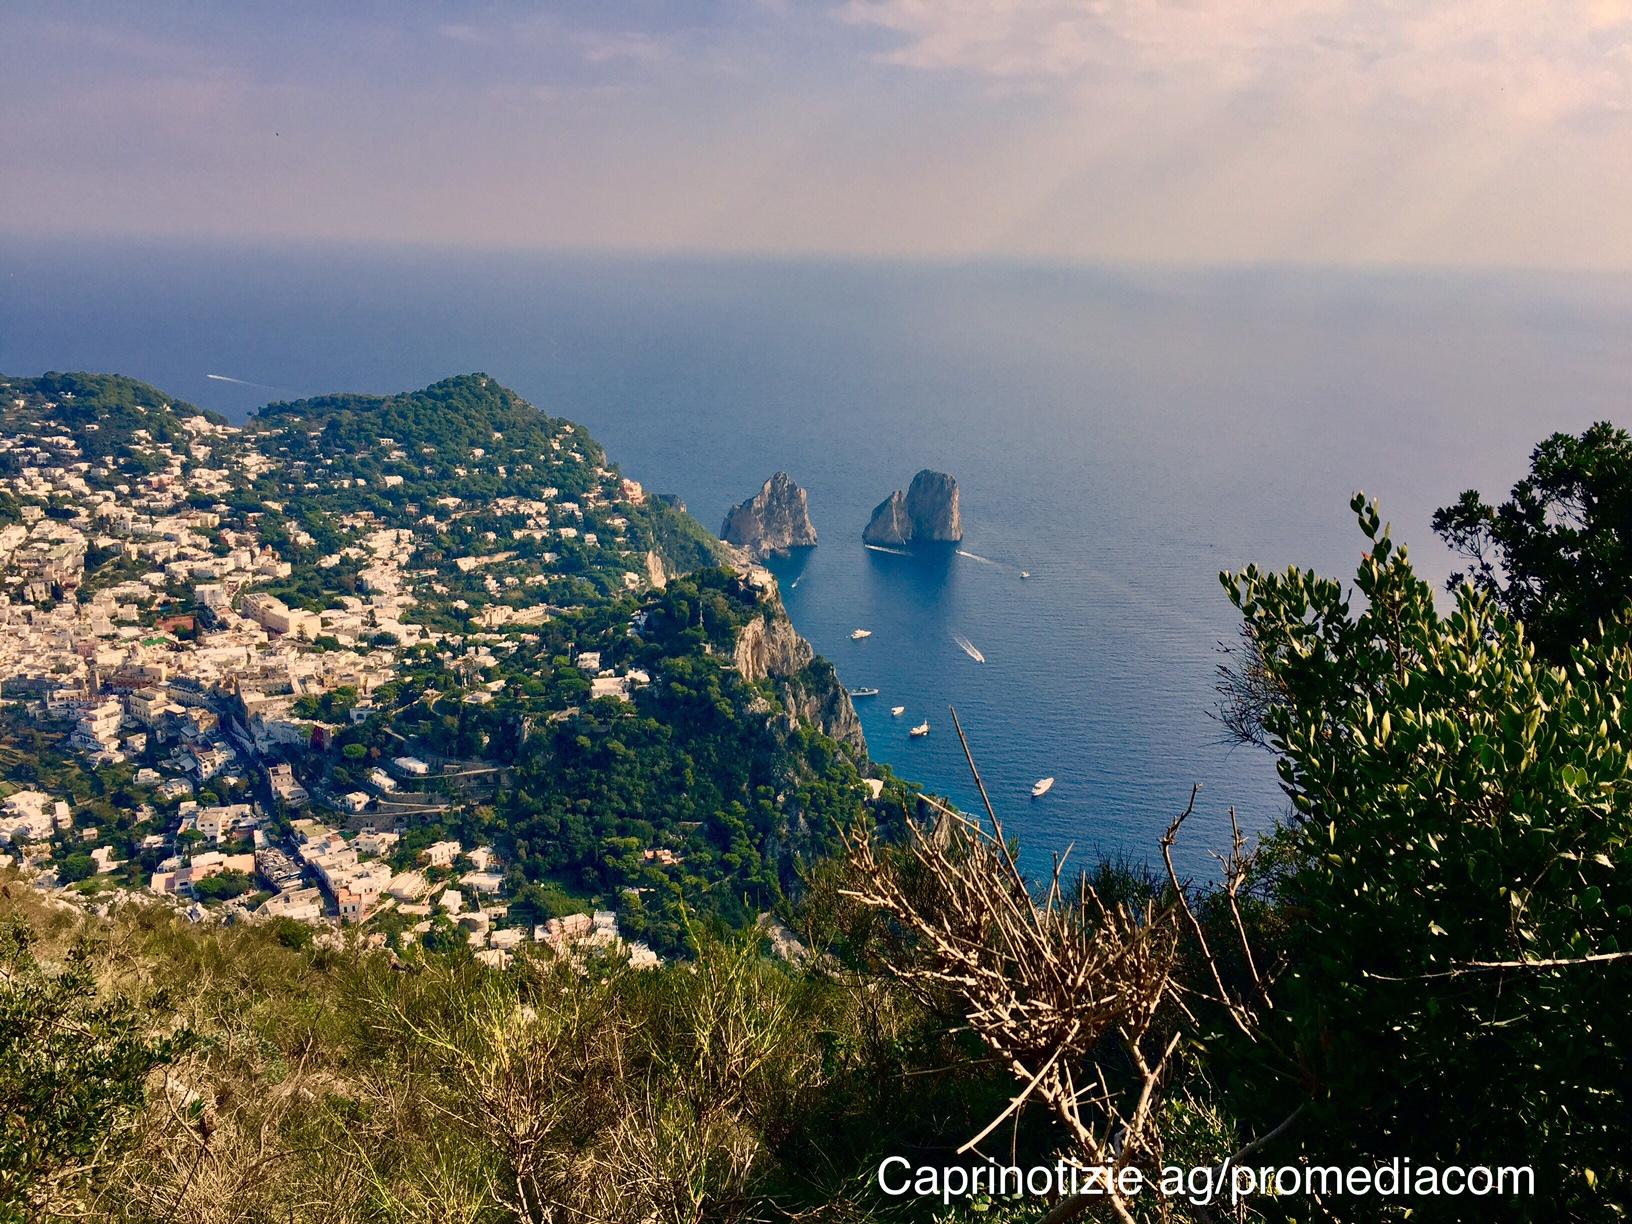 Meteo a Capri: Le previsioni del tempo e del mare per Mercoledì 26 Giugno 2019